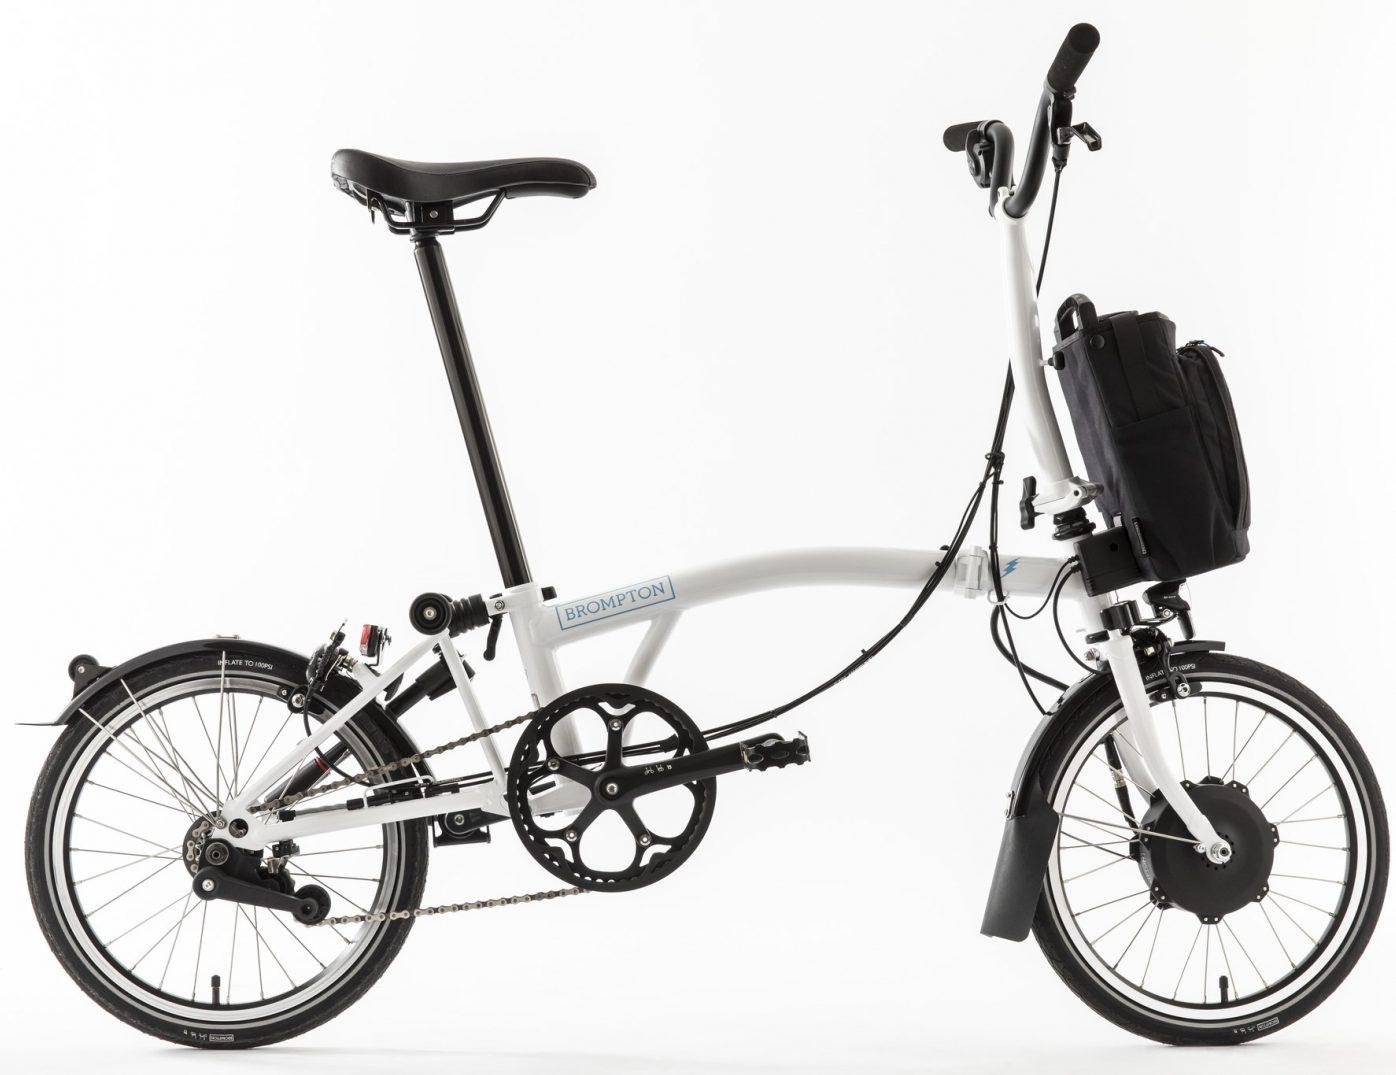 Bicicleta Turbo Vado 5.0 Step- Through de Specialized.